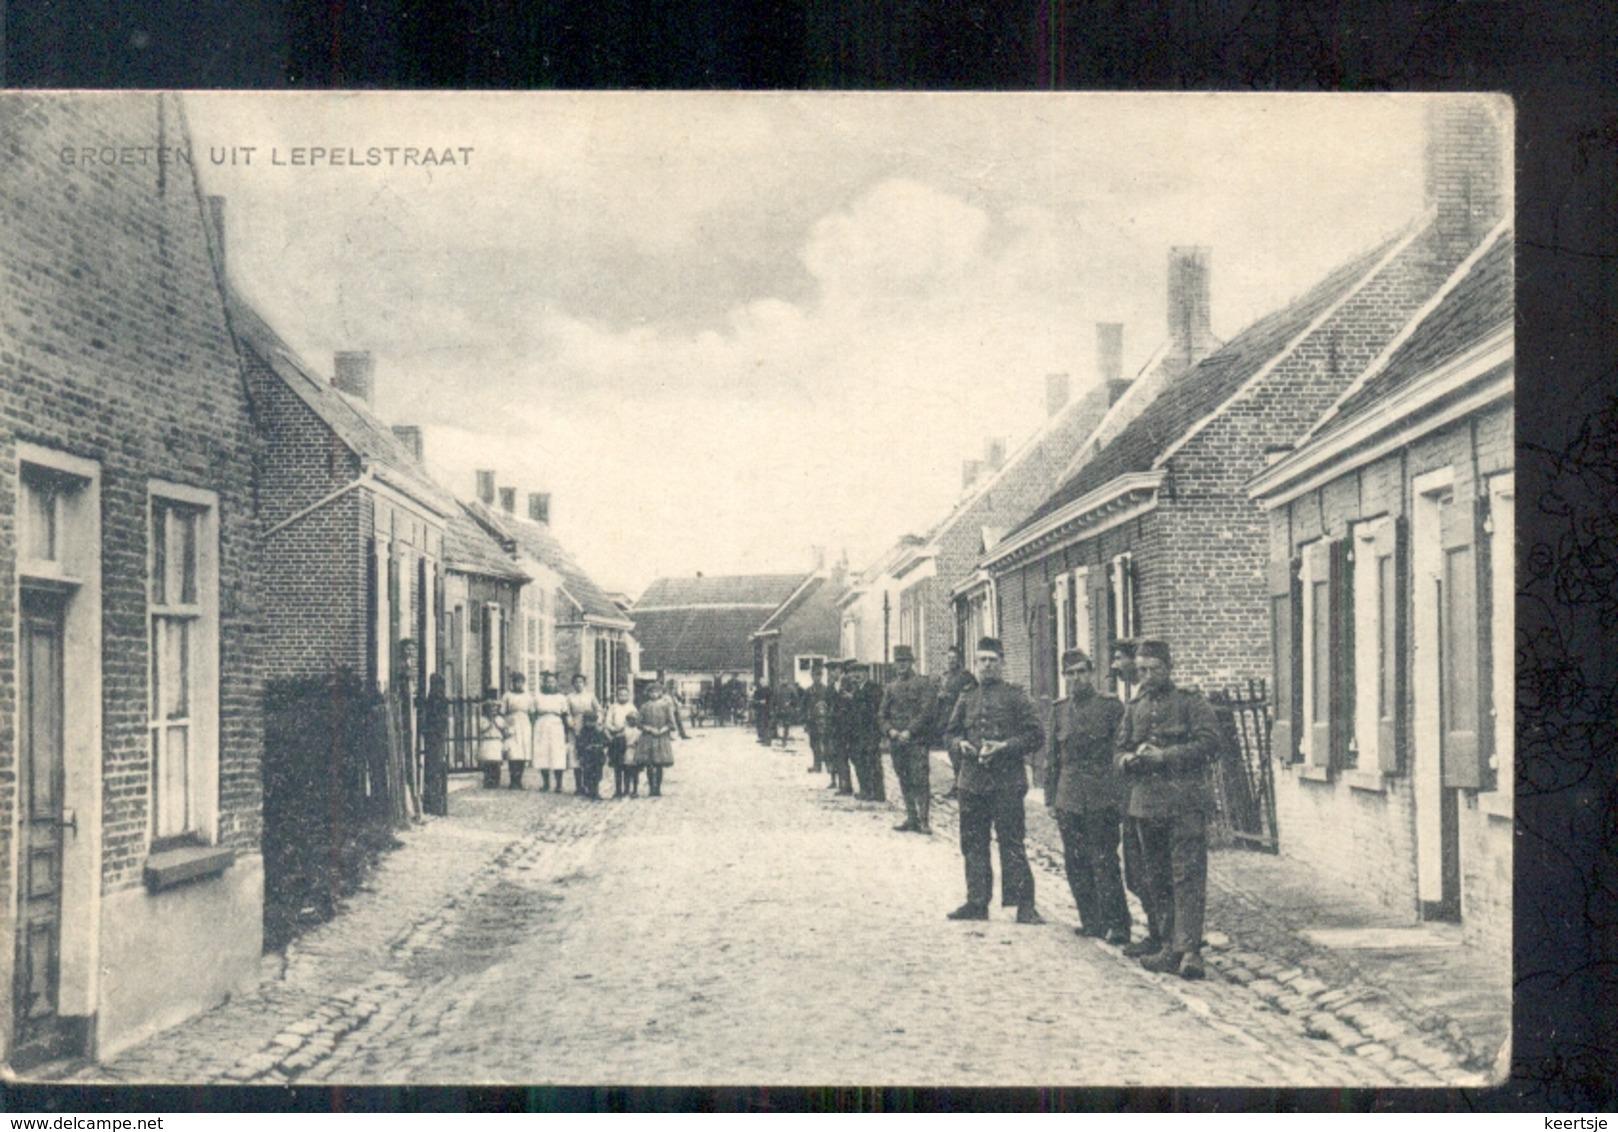 Lupelstraat - Groetn Uit - Soldaten - 1925 - Paesi Bassi